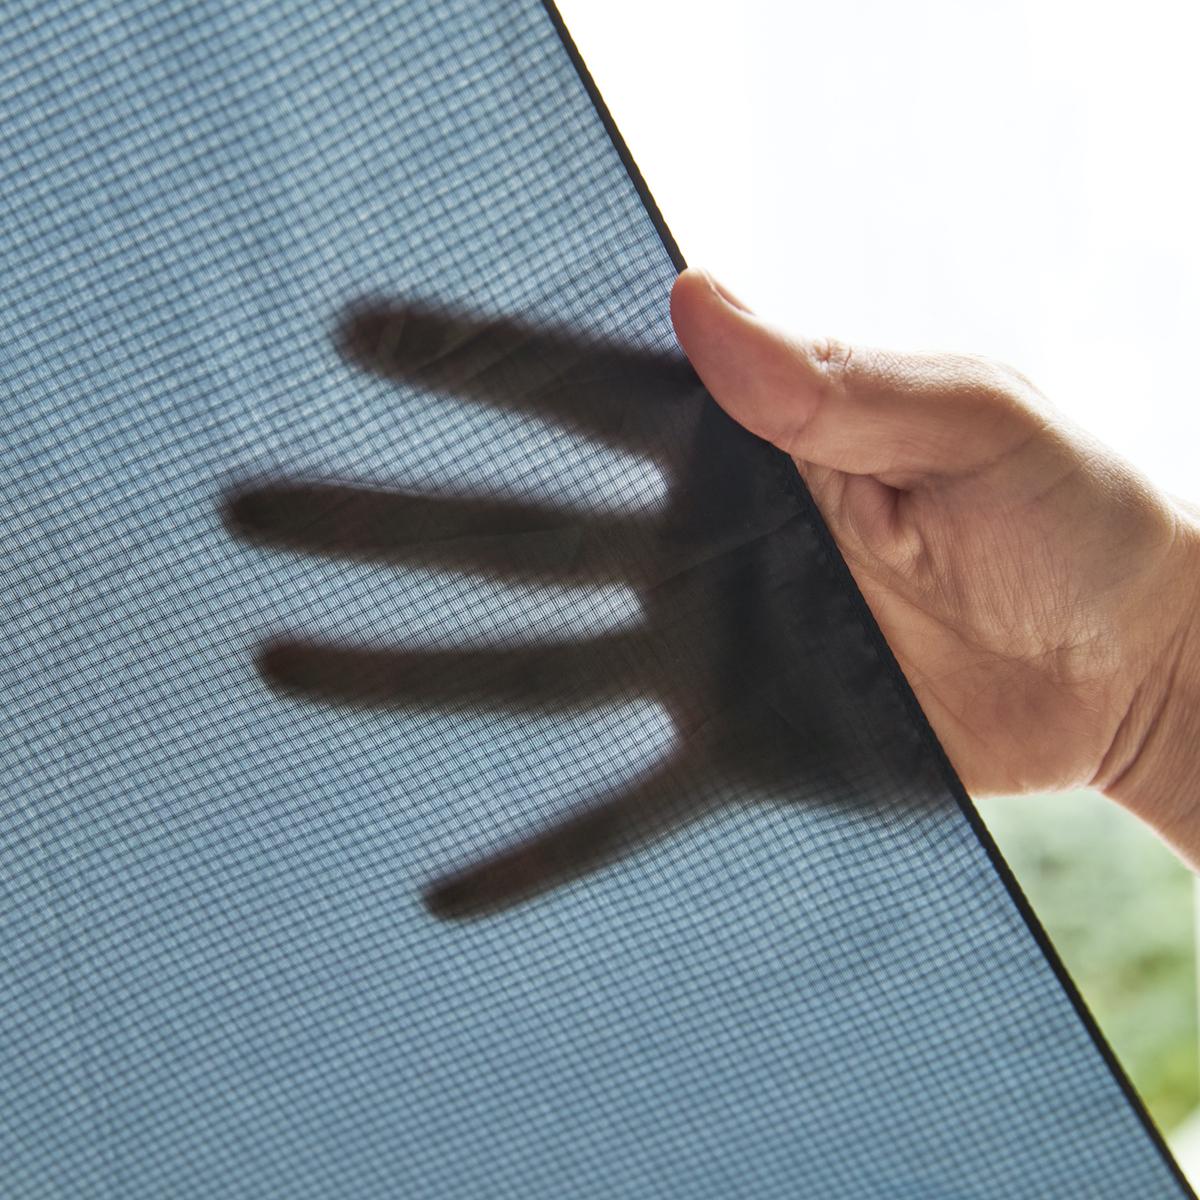 極薄の傘生地|水はじきバツグン、極細なのに耐風構造の「世界最軽量級折りたたみ傘」|Pentagon72